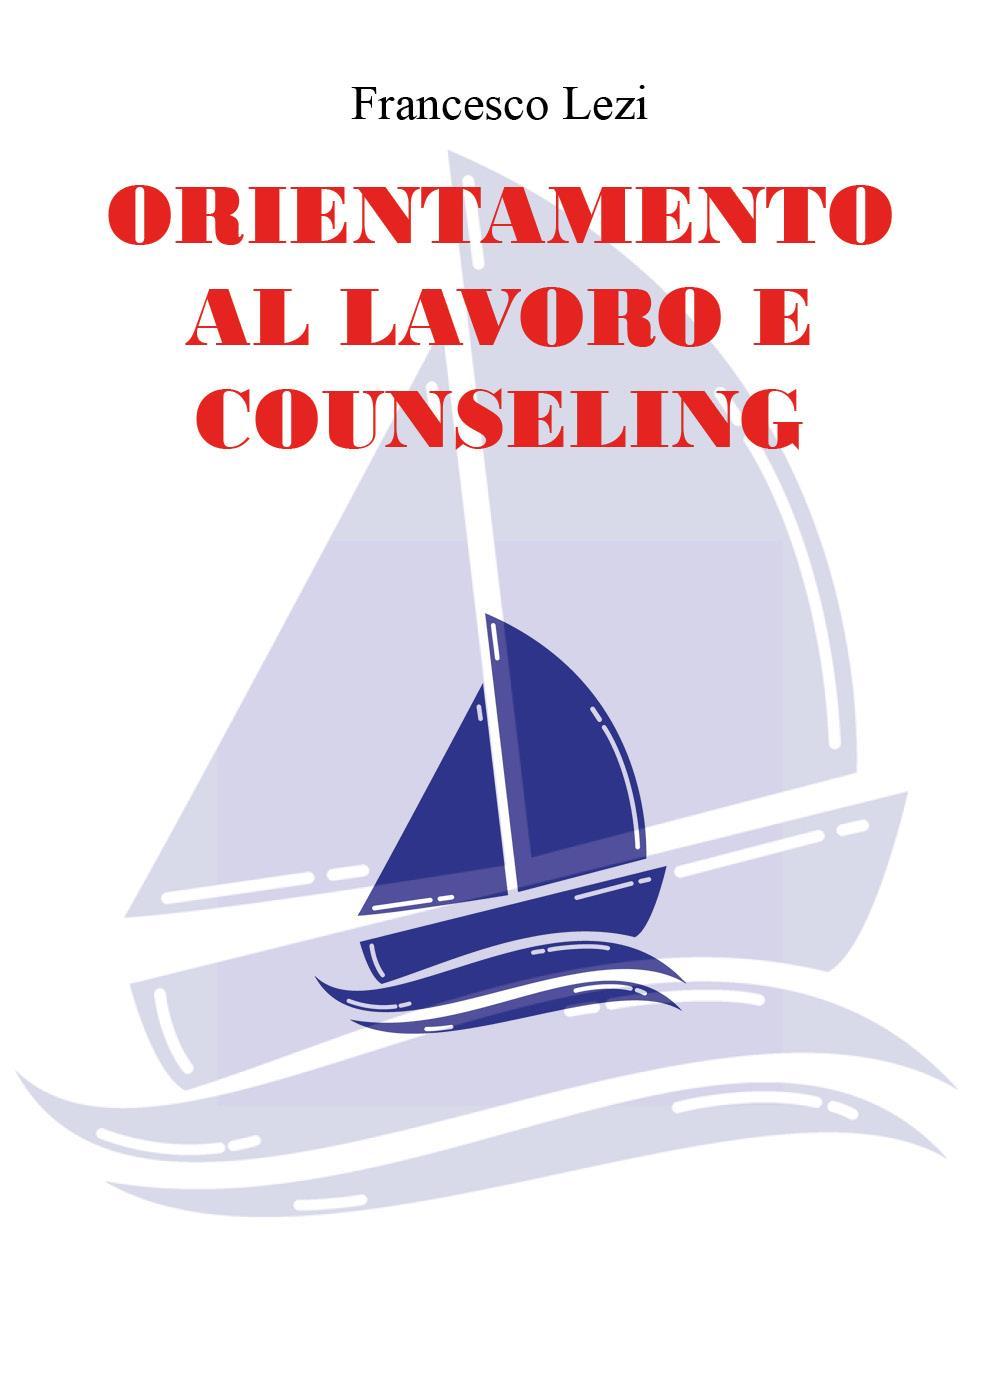 Orientamento al lavoro e counseling